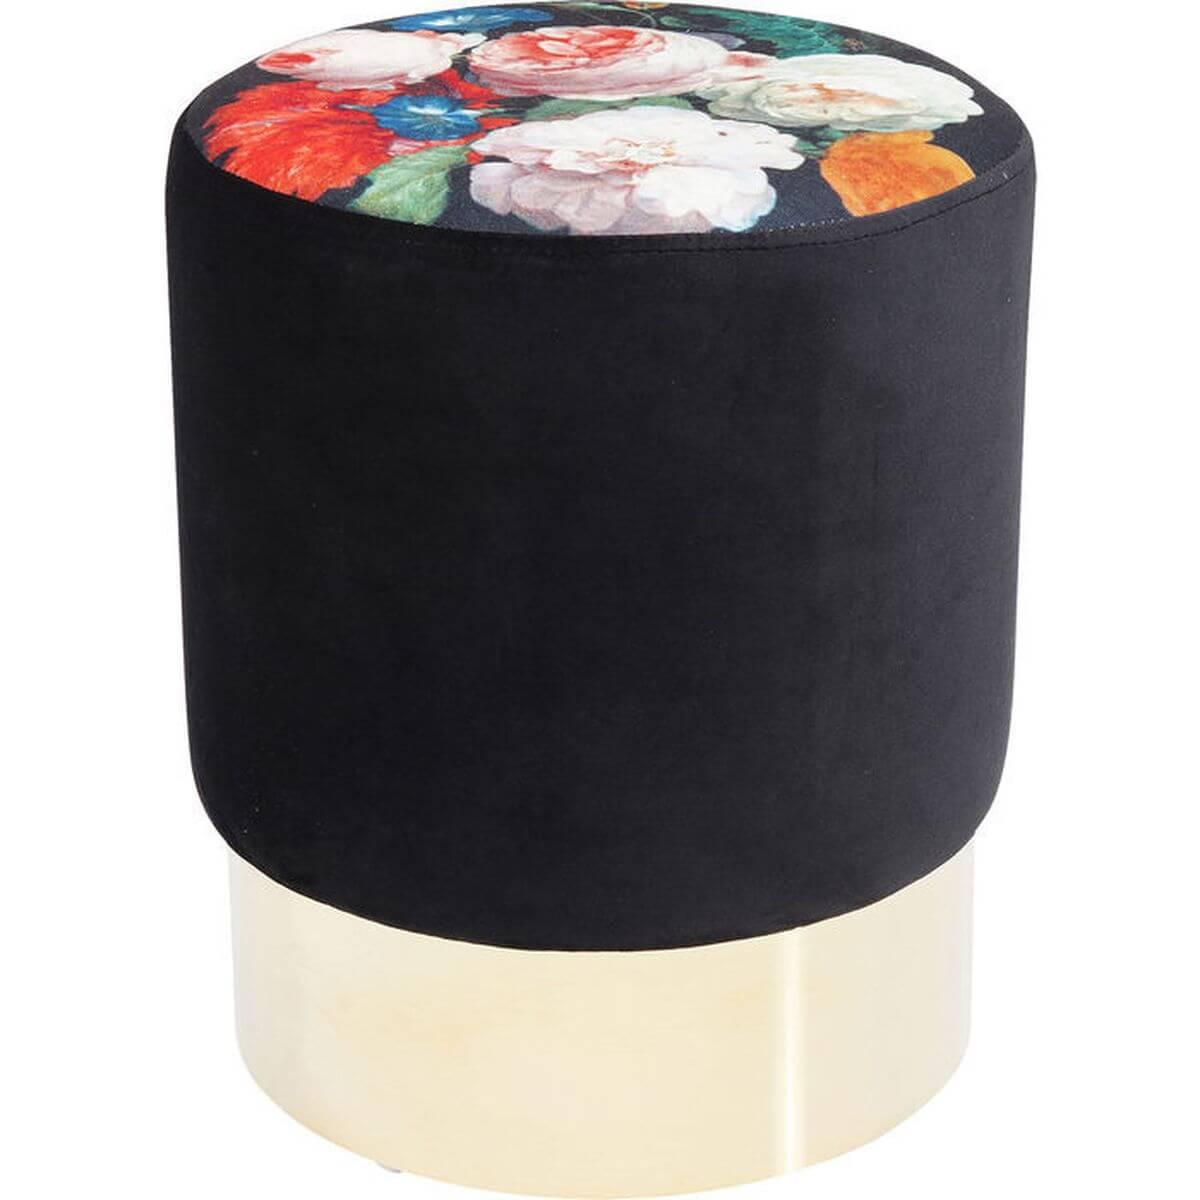 Tabouret CHERRY BLOSSOM Kare Design Laiton 35cm